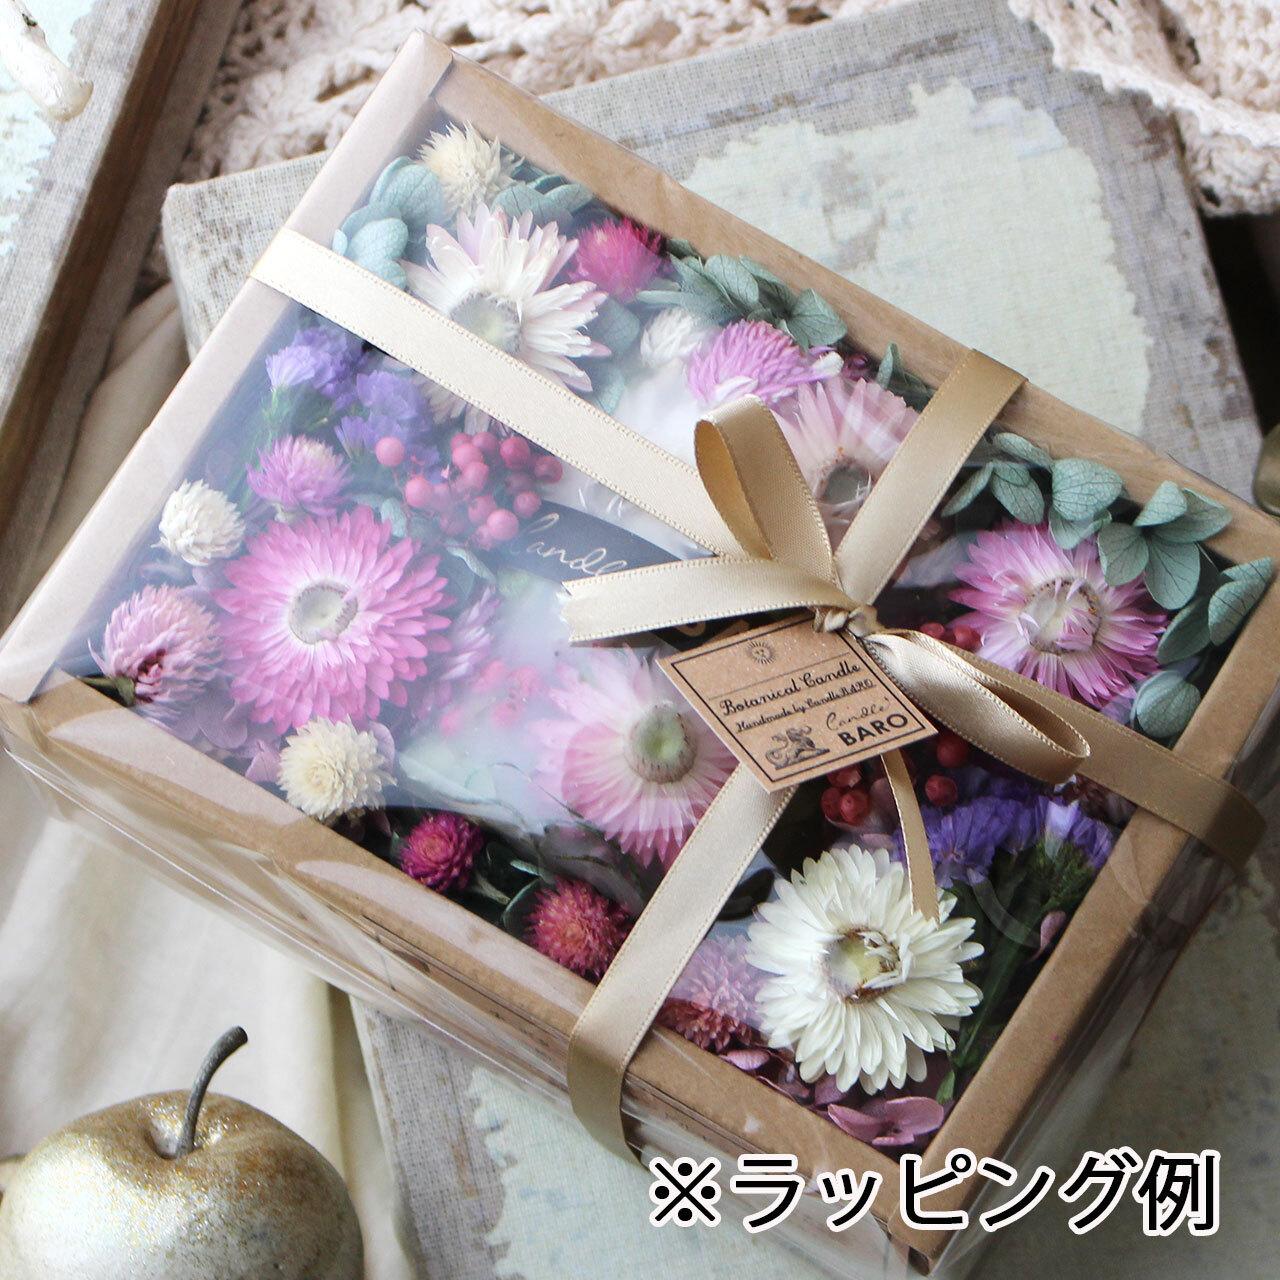 H507 透明ラッピング&紙袋付き☆ボタニカルキャンドルギフト ヘリクリサム